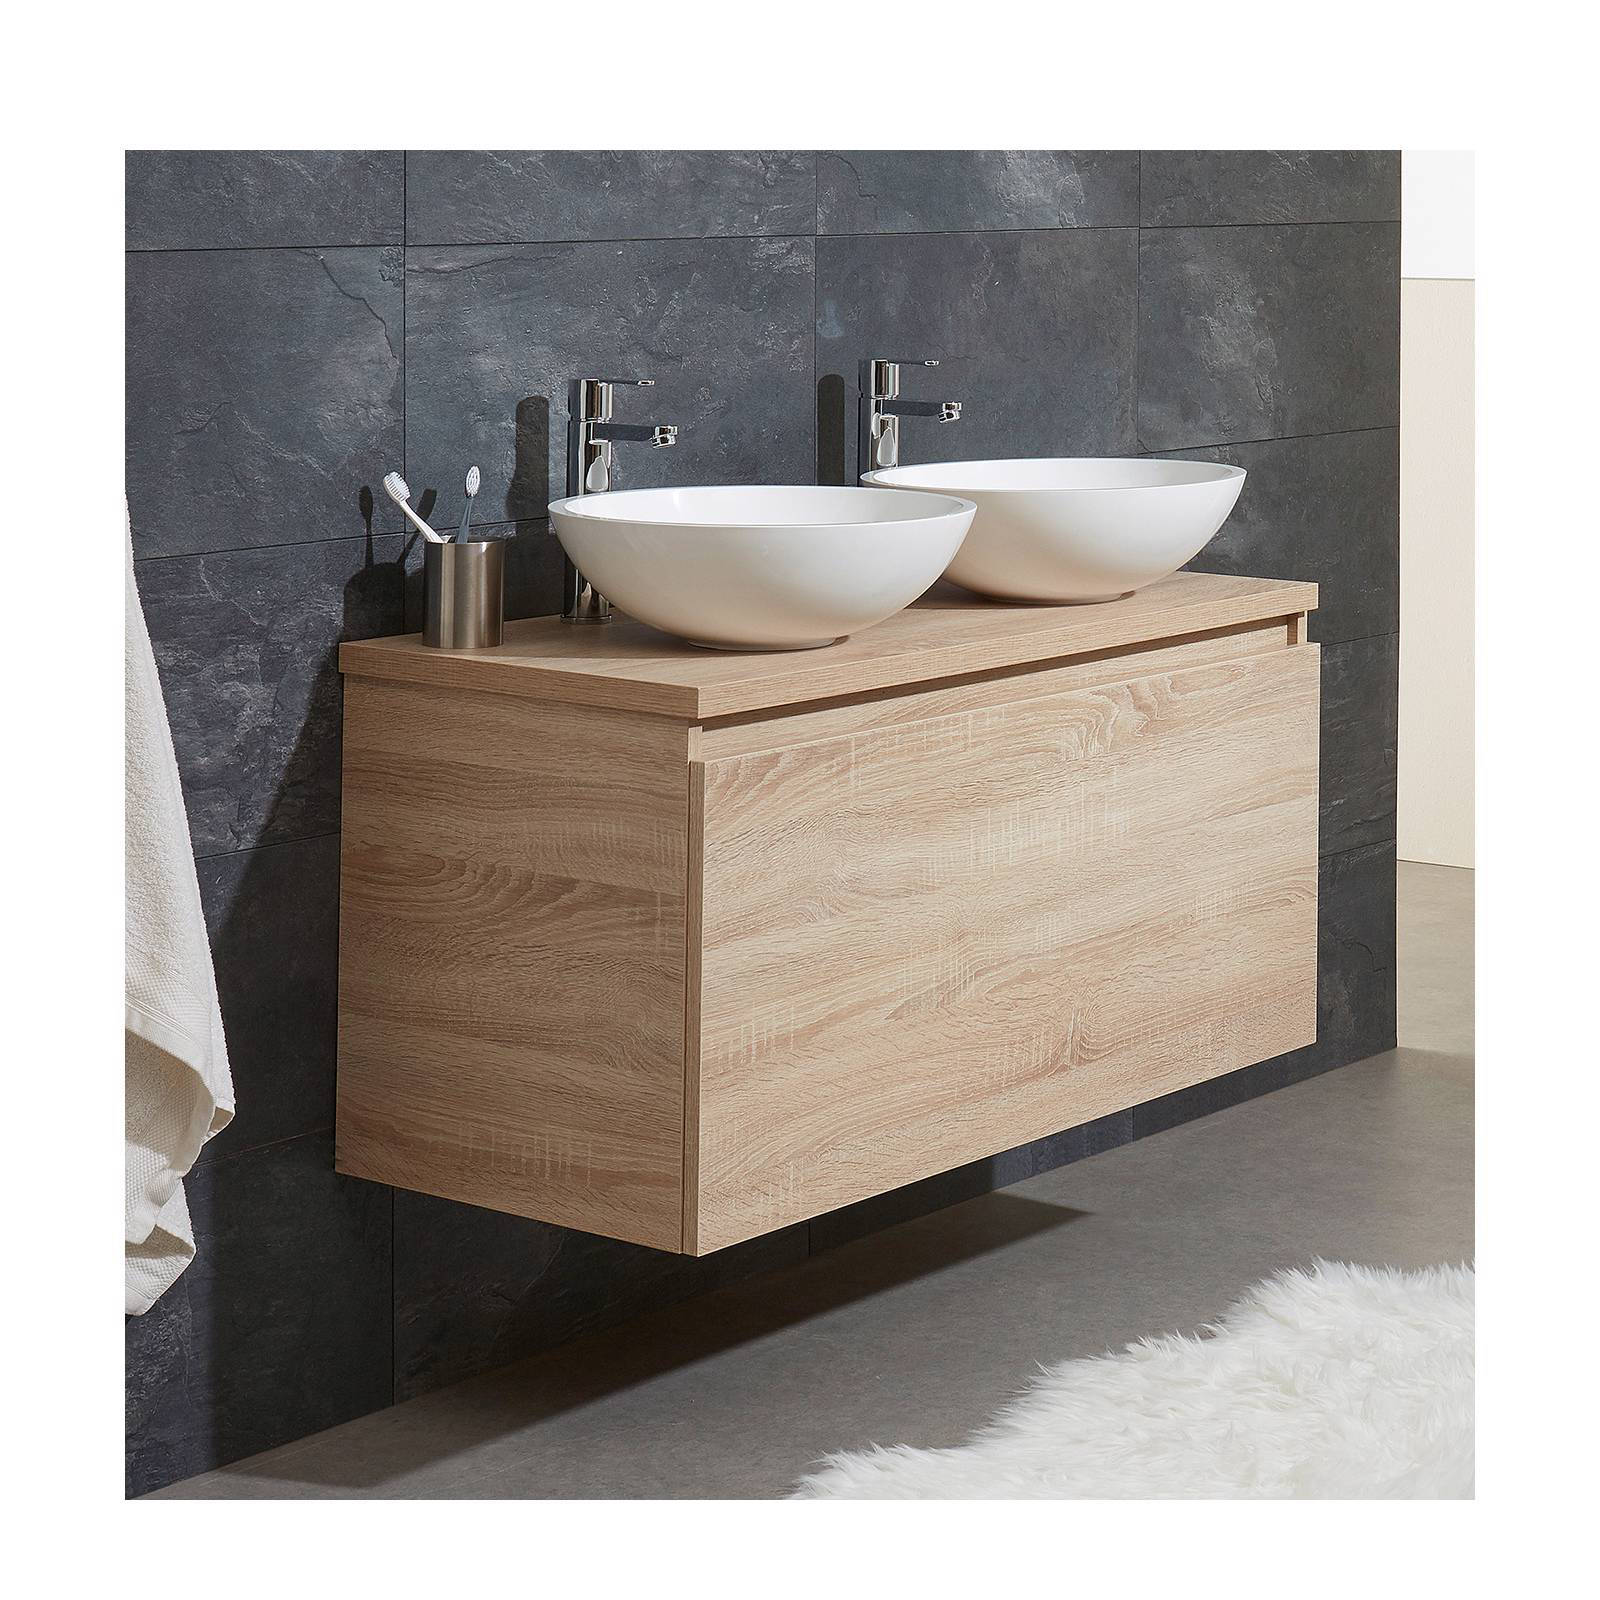 Nieuw Bruynzeel sanitair badkamermeubel met dubbele waskom Nerano 100 OT-03